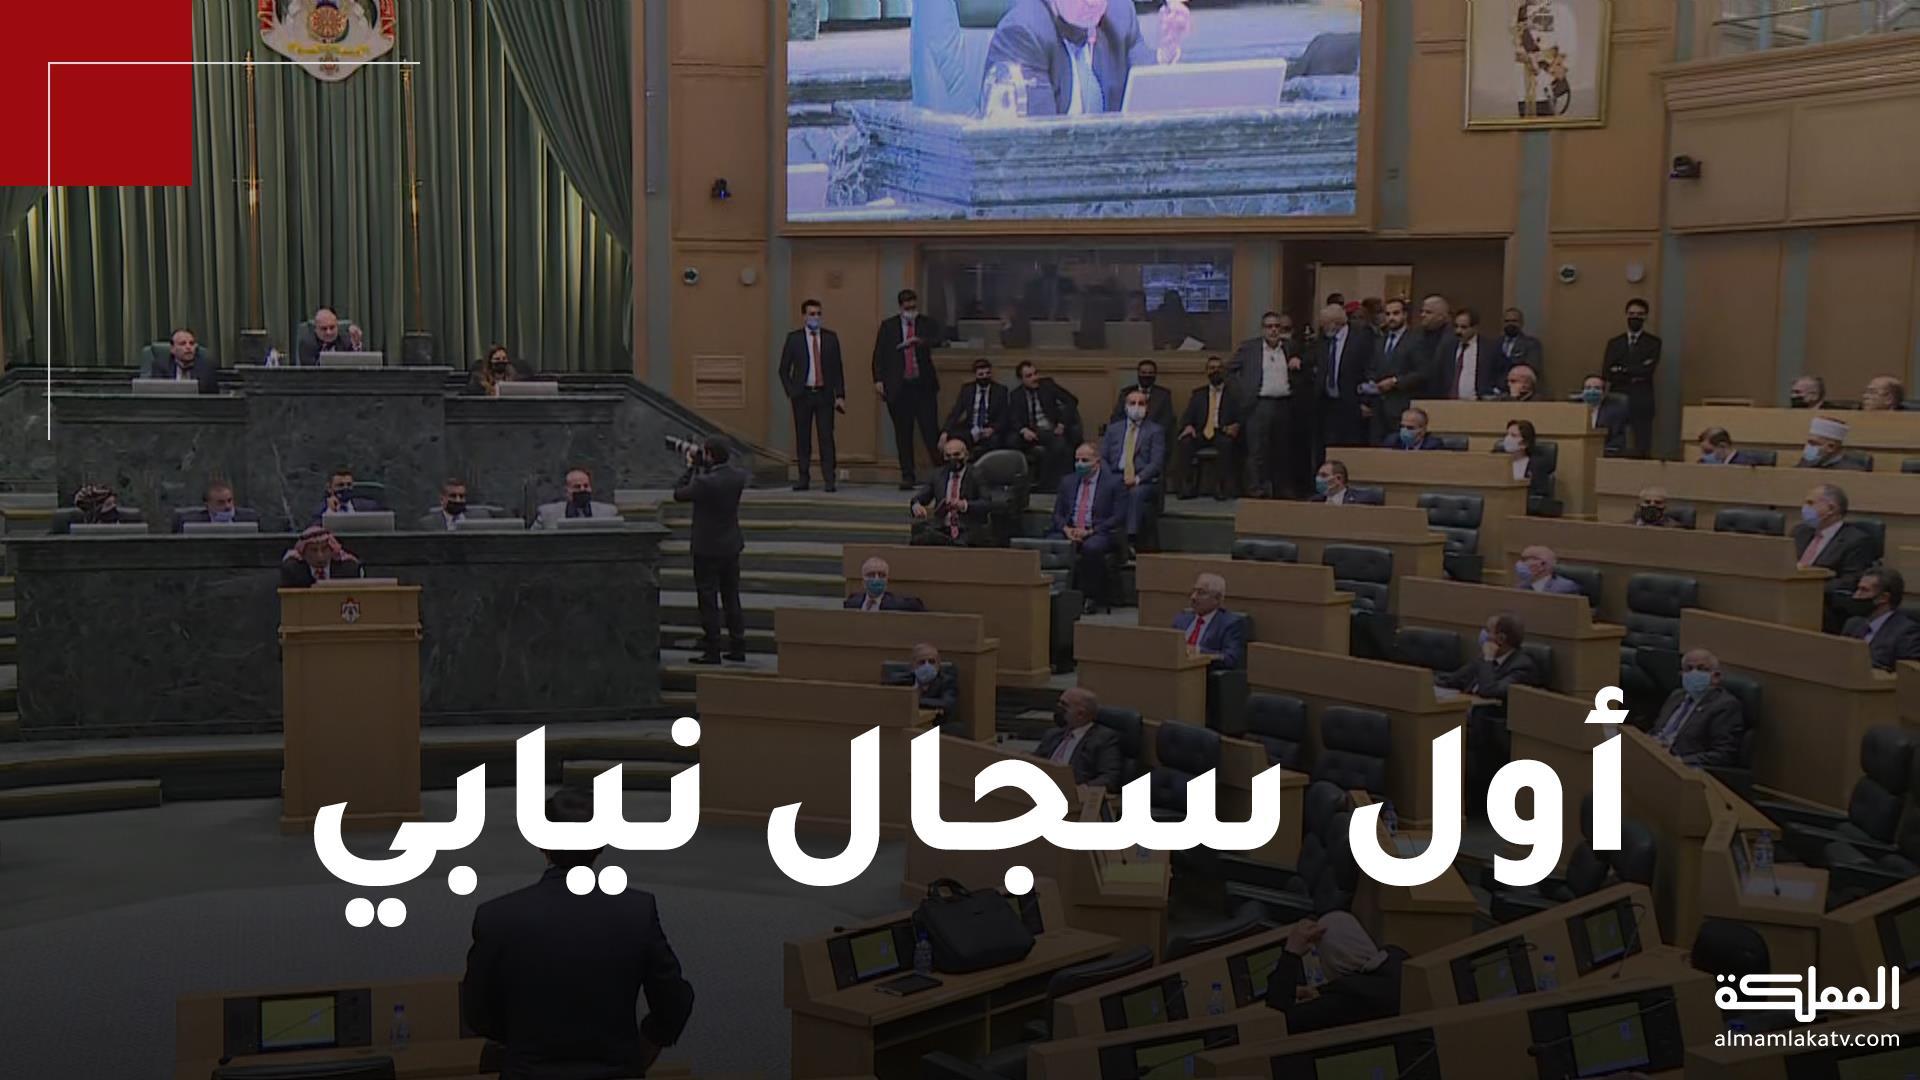 """مصطلح """"مجلس ديكور"""" يتسبب بأول سجال نيابي تحت قبة مجلس النواب 19 .. ما الذي جرى"""